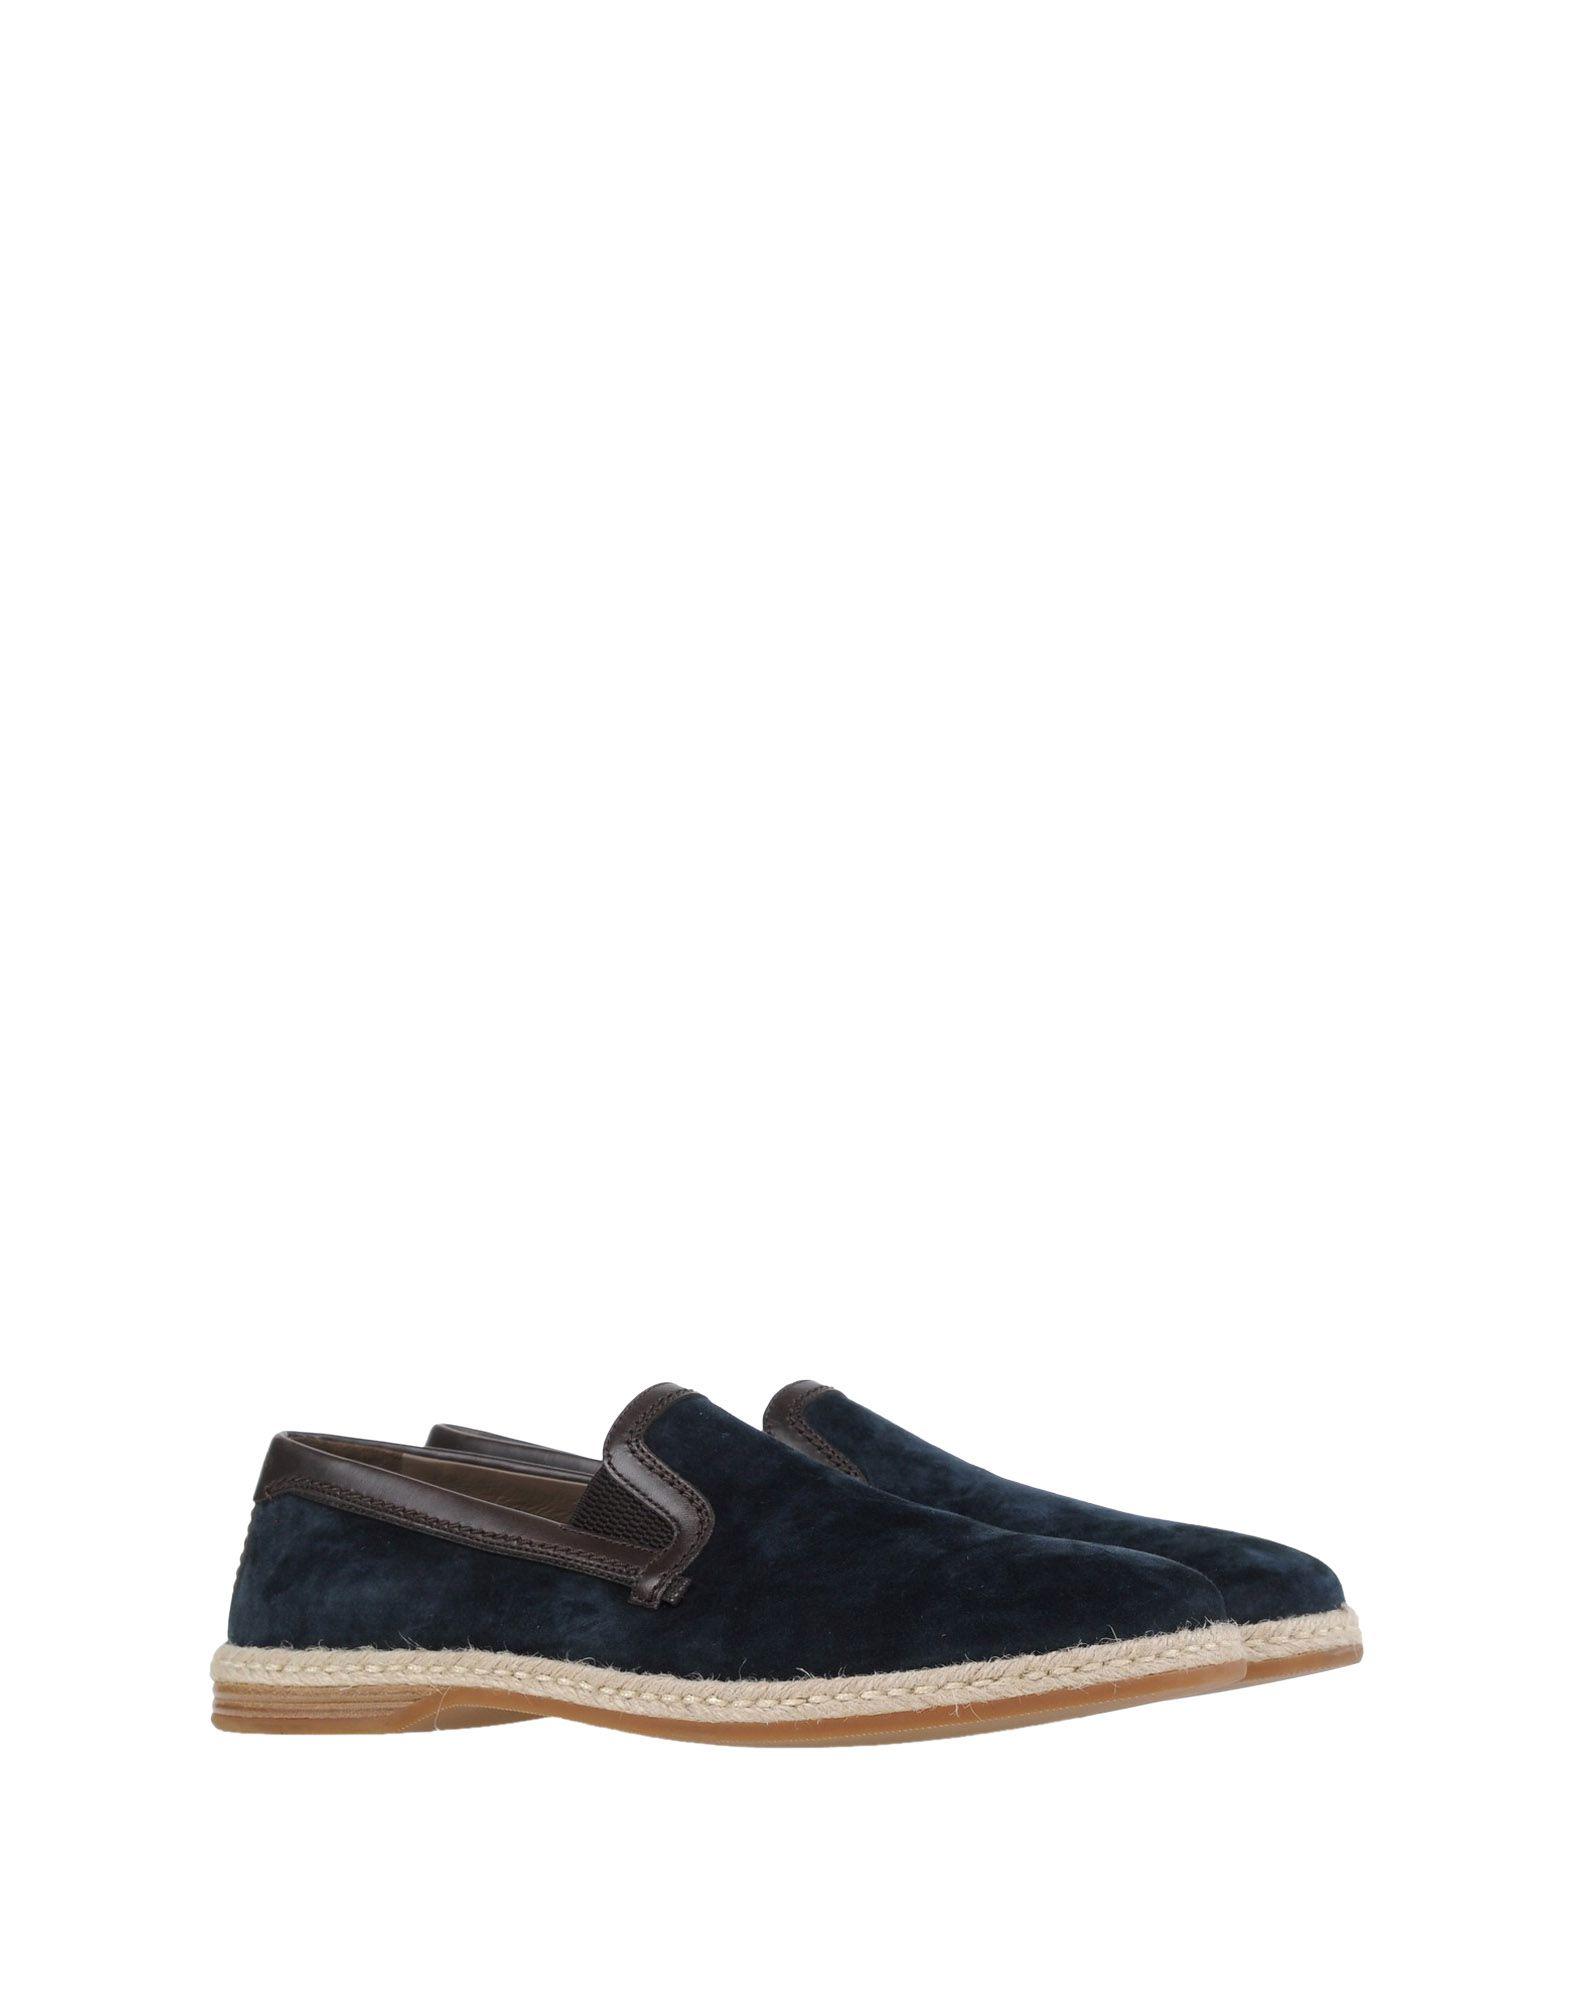 Dolce & Gute Gabbana Espadrilles Herren  11094880UV Gute & Qualität beliebte Schuhe 47e45d